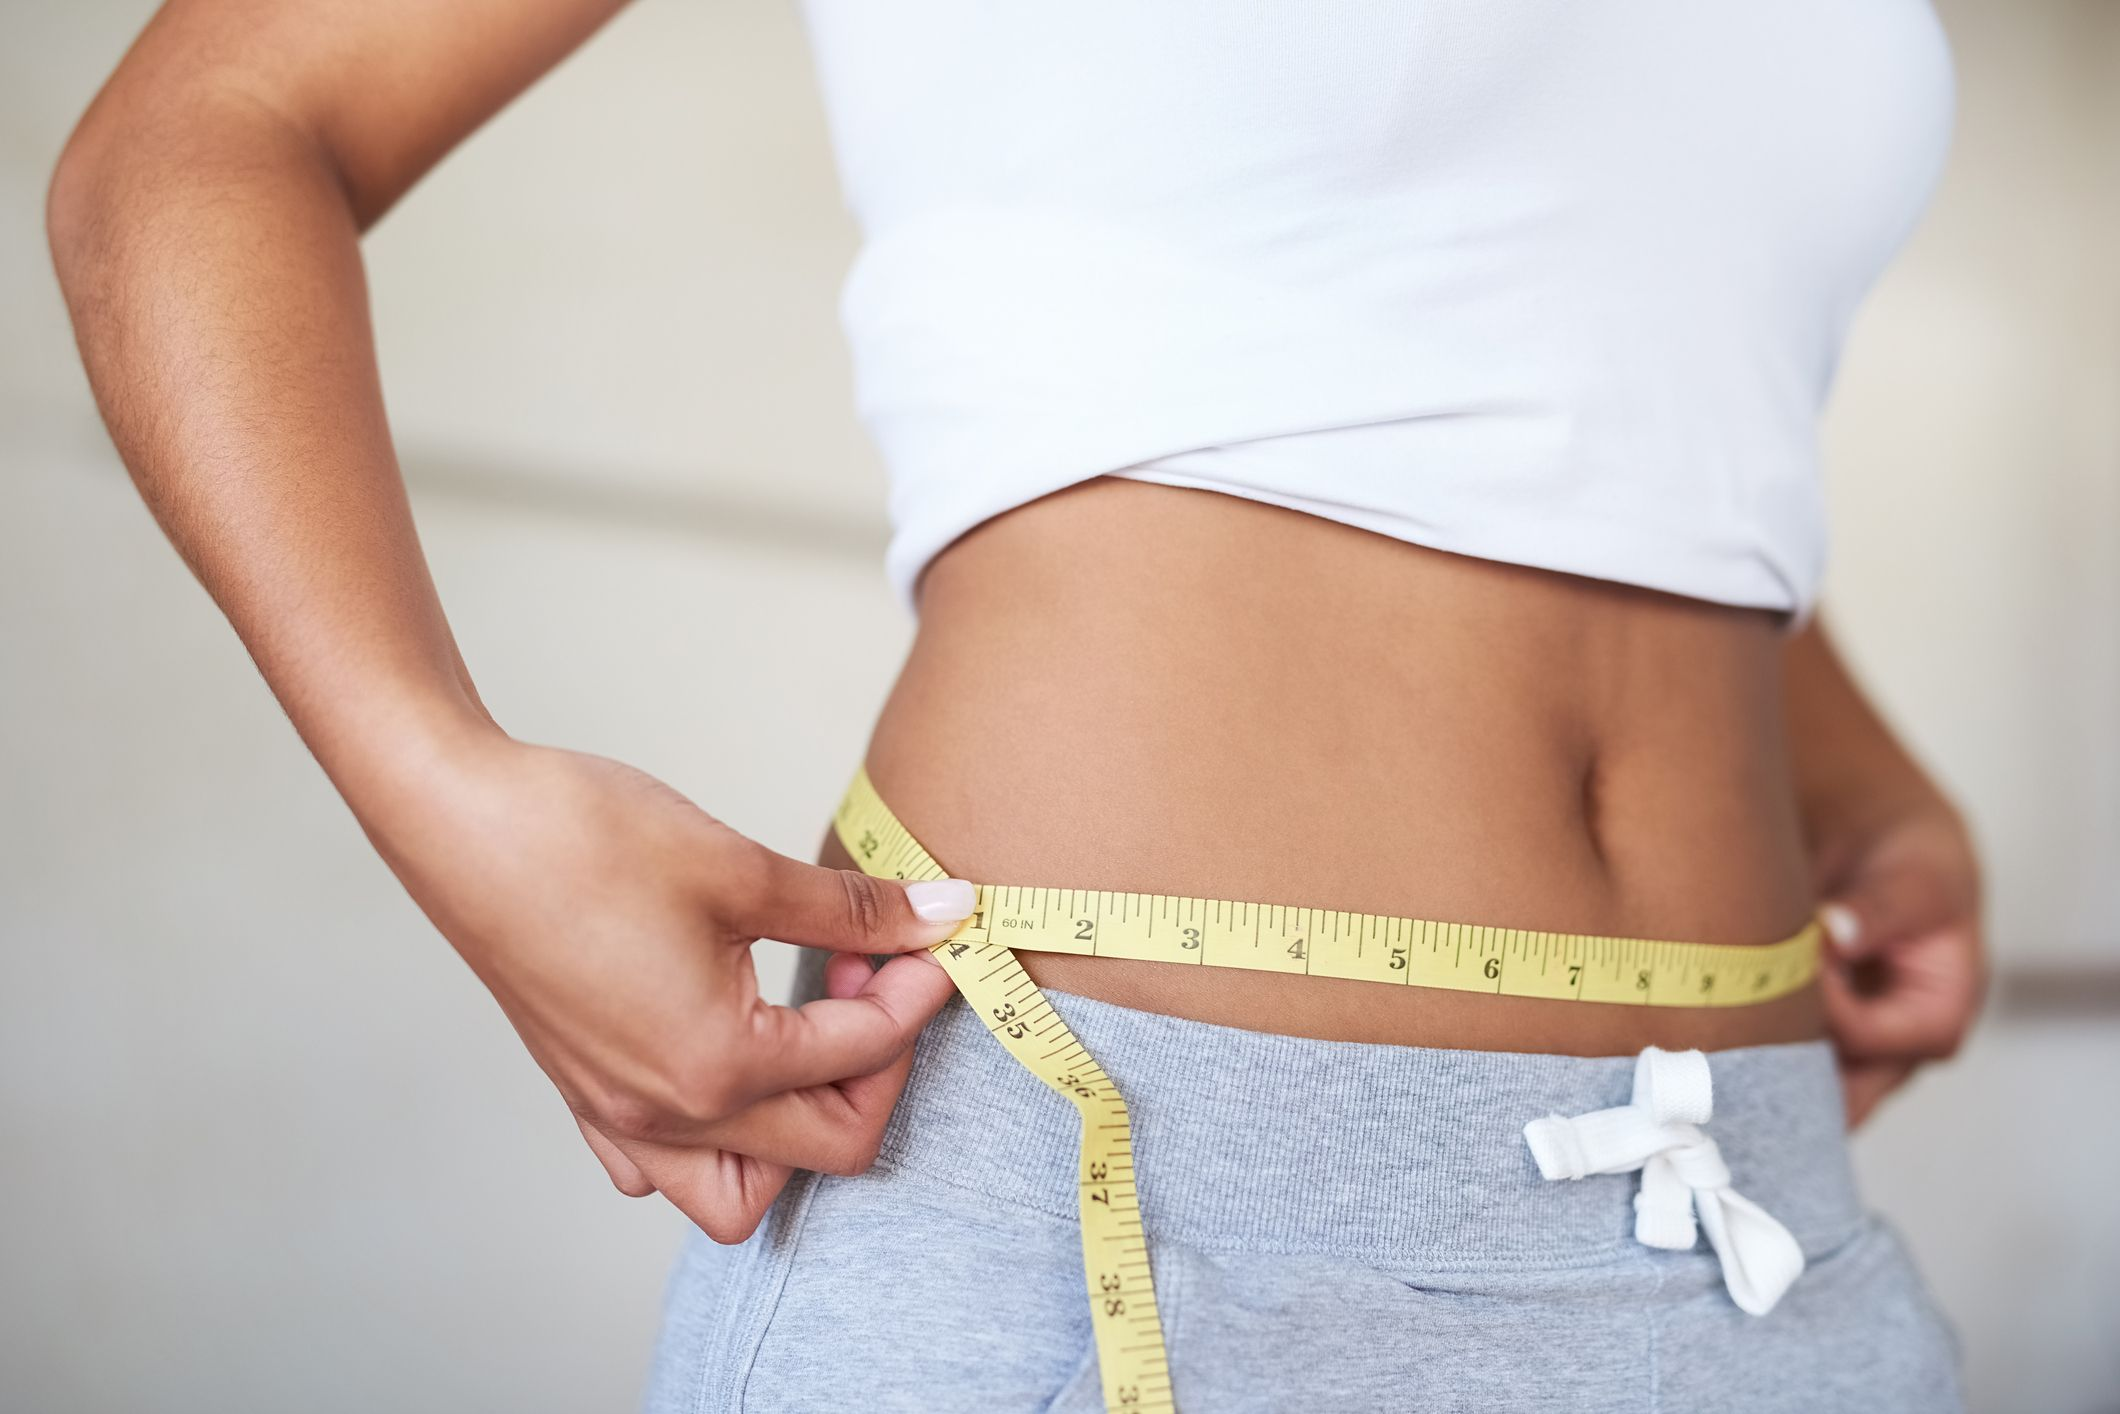 Las personas que llevan a cabo la dieta perricone pierden en torno a 7-10 kilos en los 28 días del plan alimenticio.